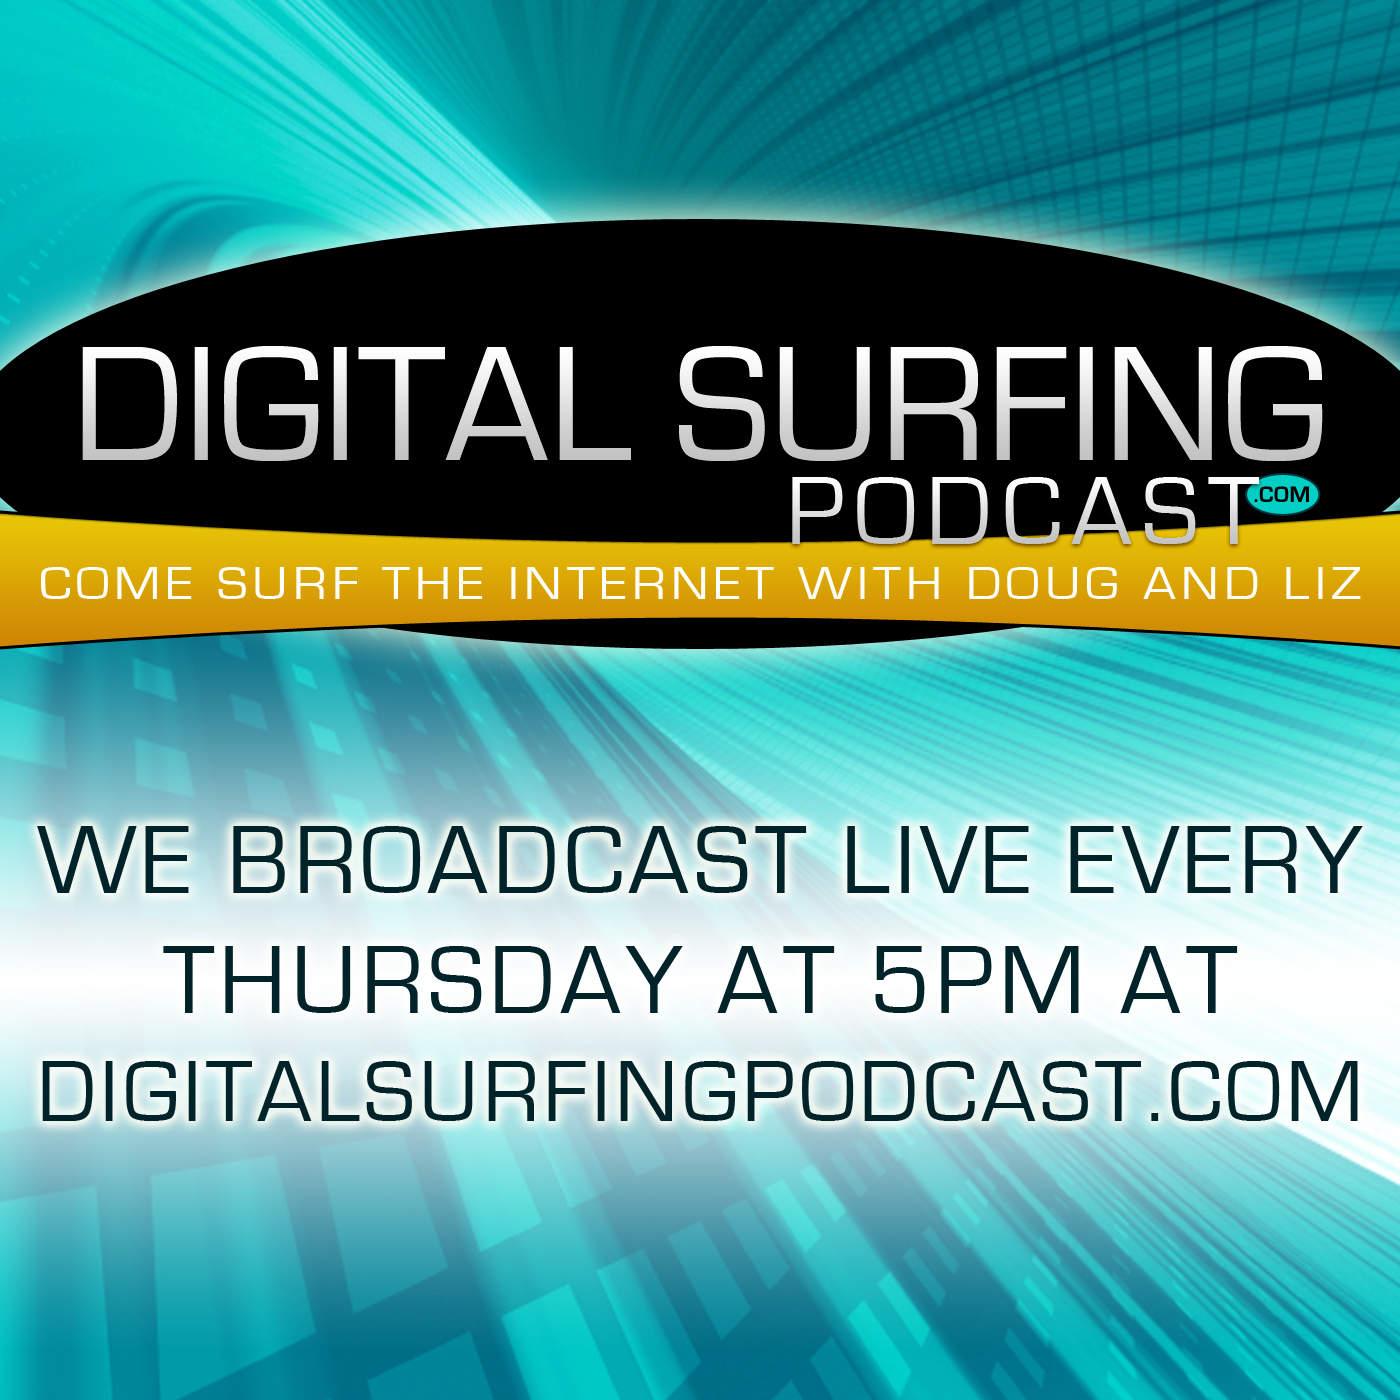 DigitalSurfing